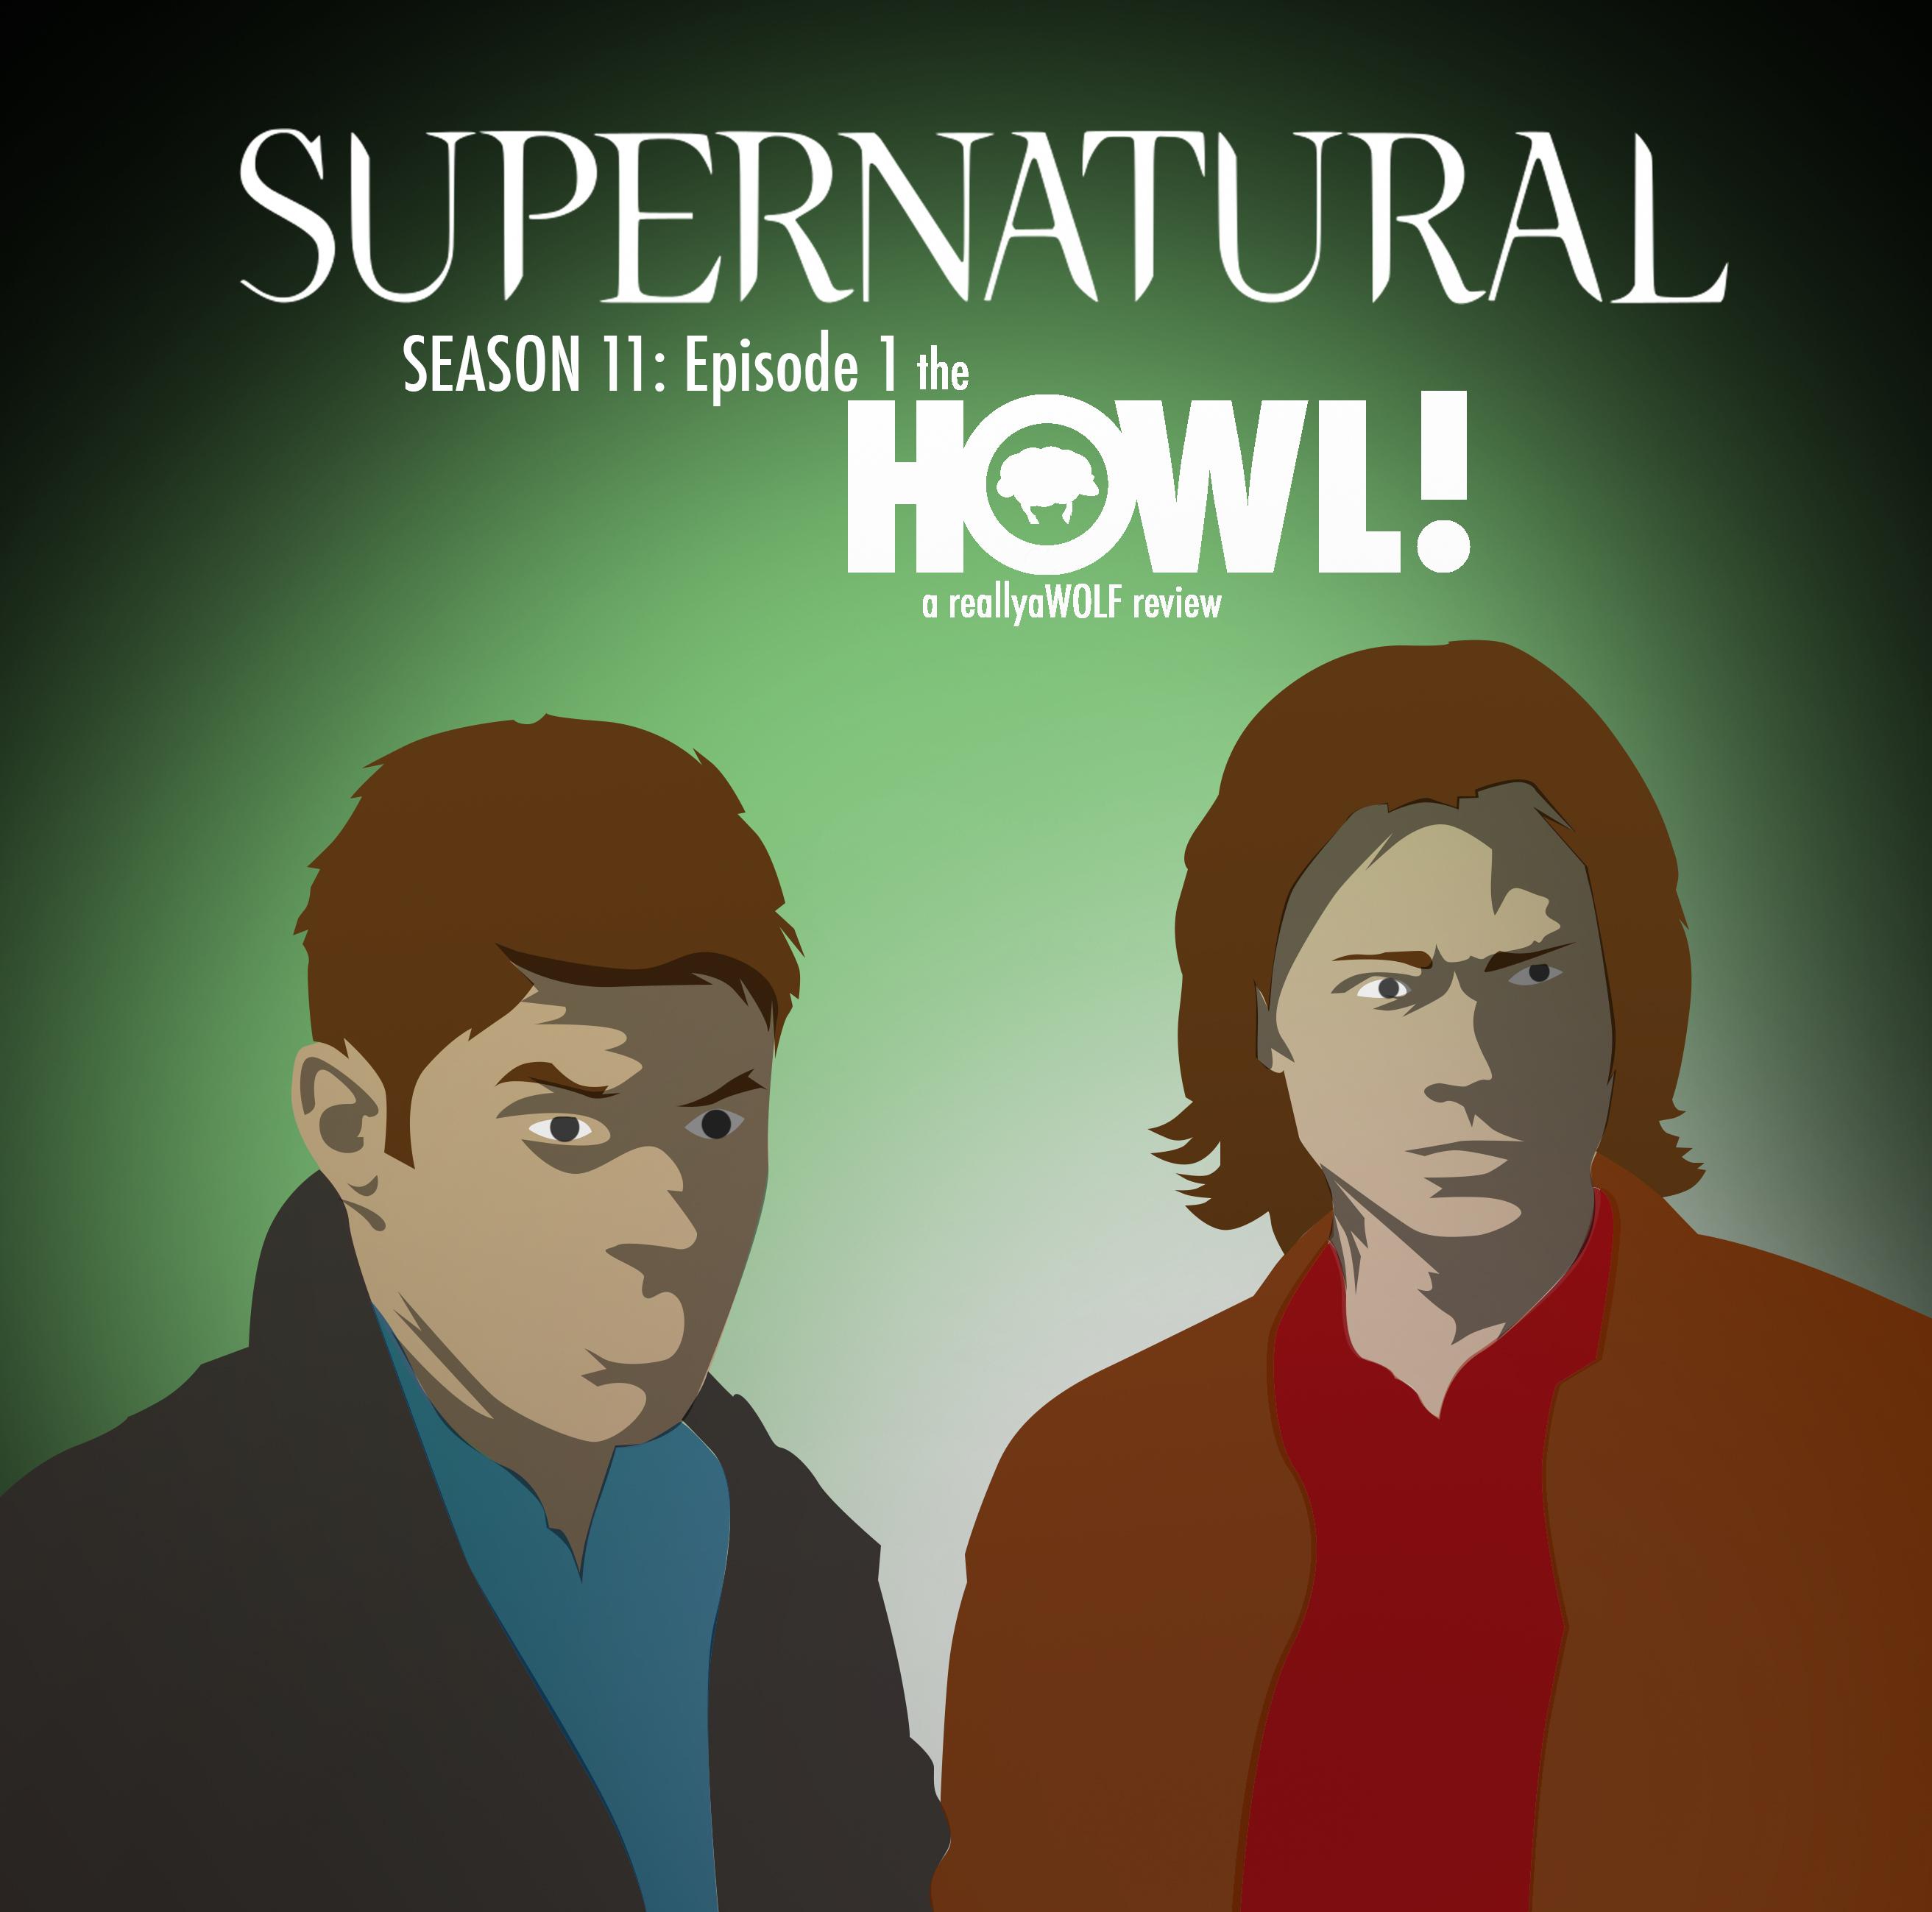 SuperNatural raW